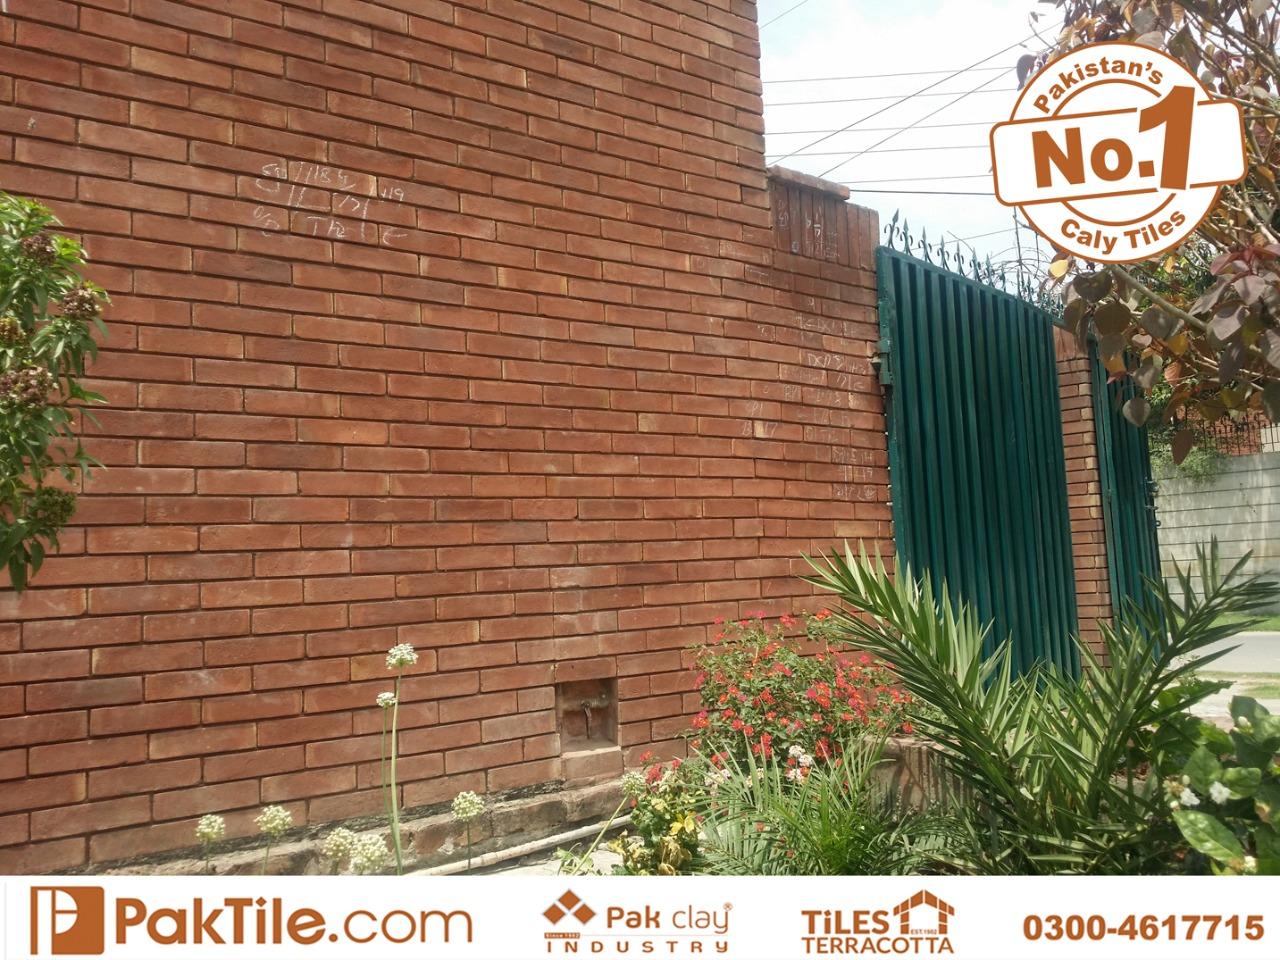 gutka brick size 9x2x2